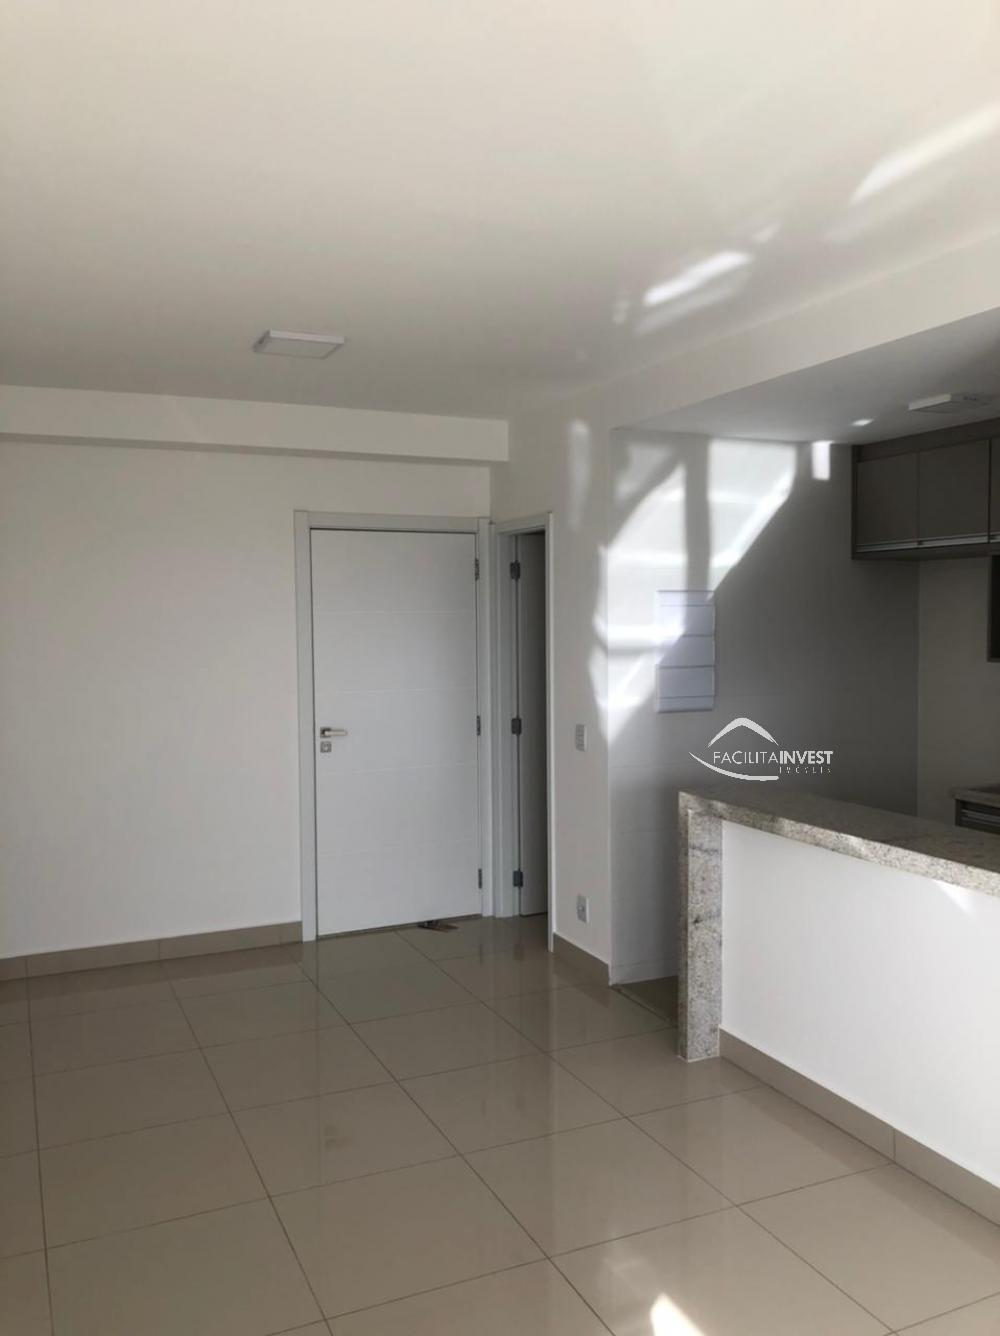 Alugar Apartamentos / Apart. Padrão em Ribeirão Preto R$ 3.200,00 - Foto 4